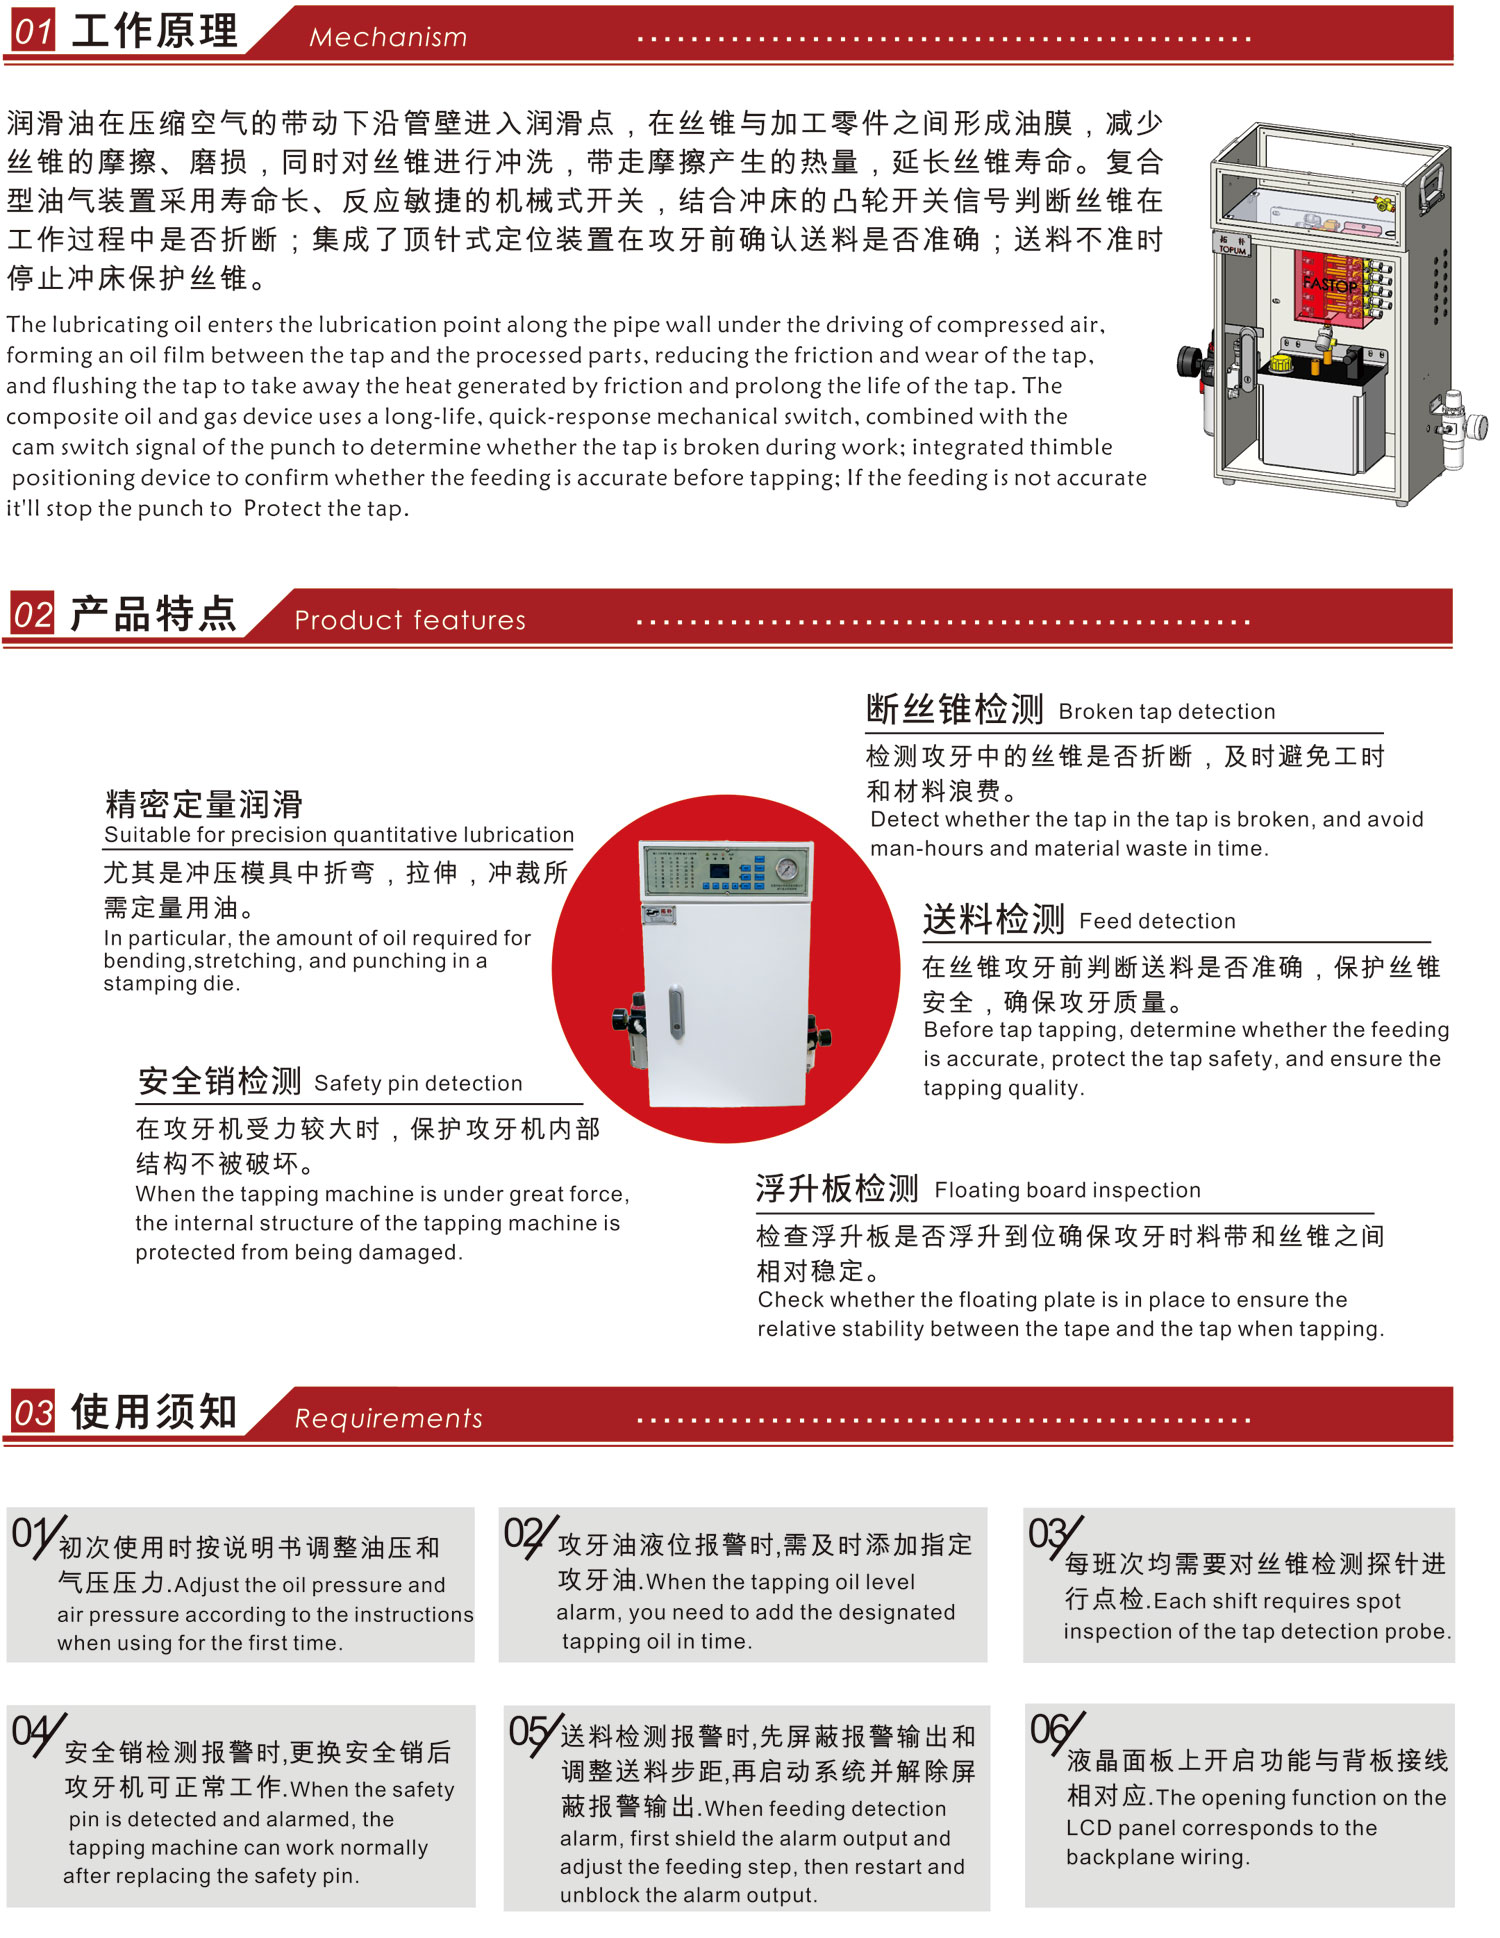 复合油气润滑装置【拓朴模内攻牙www.fastop.com.cn】